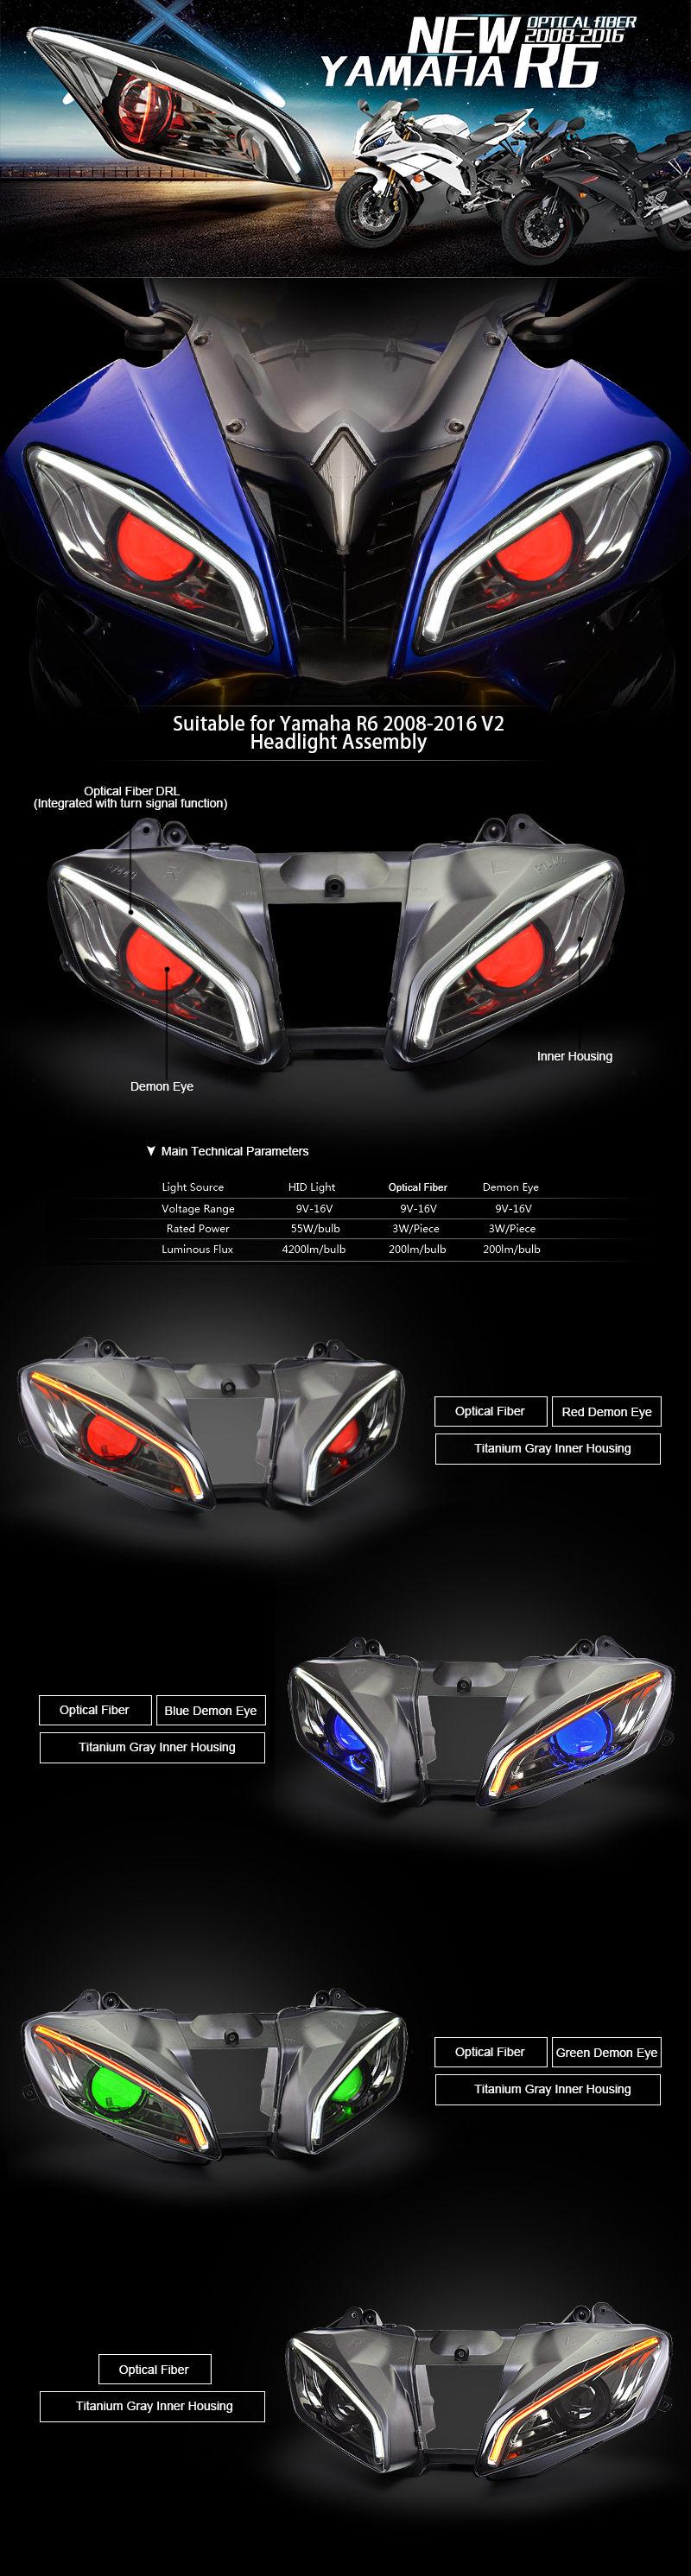 medium resolution of yamaha r6 headlight 2008 2016